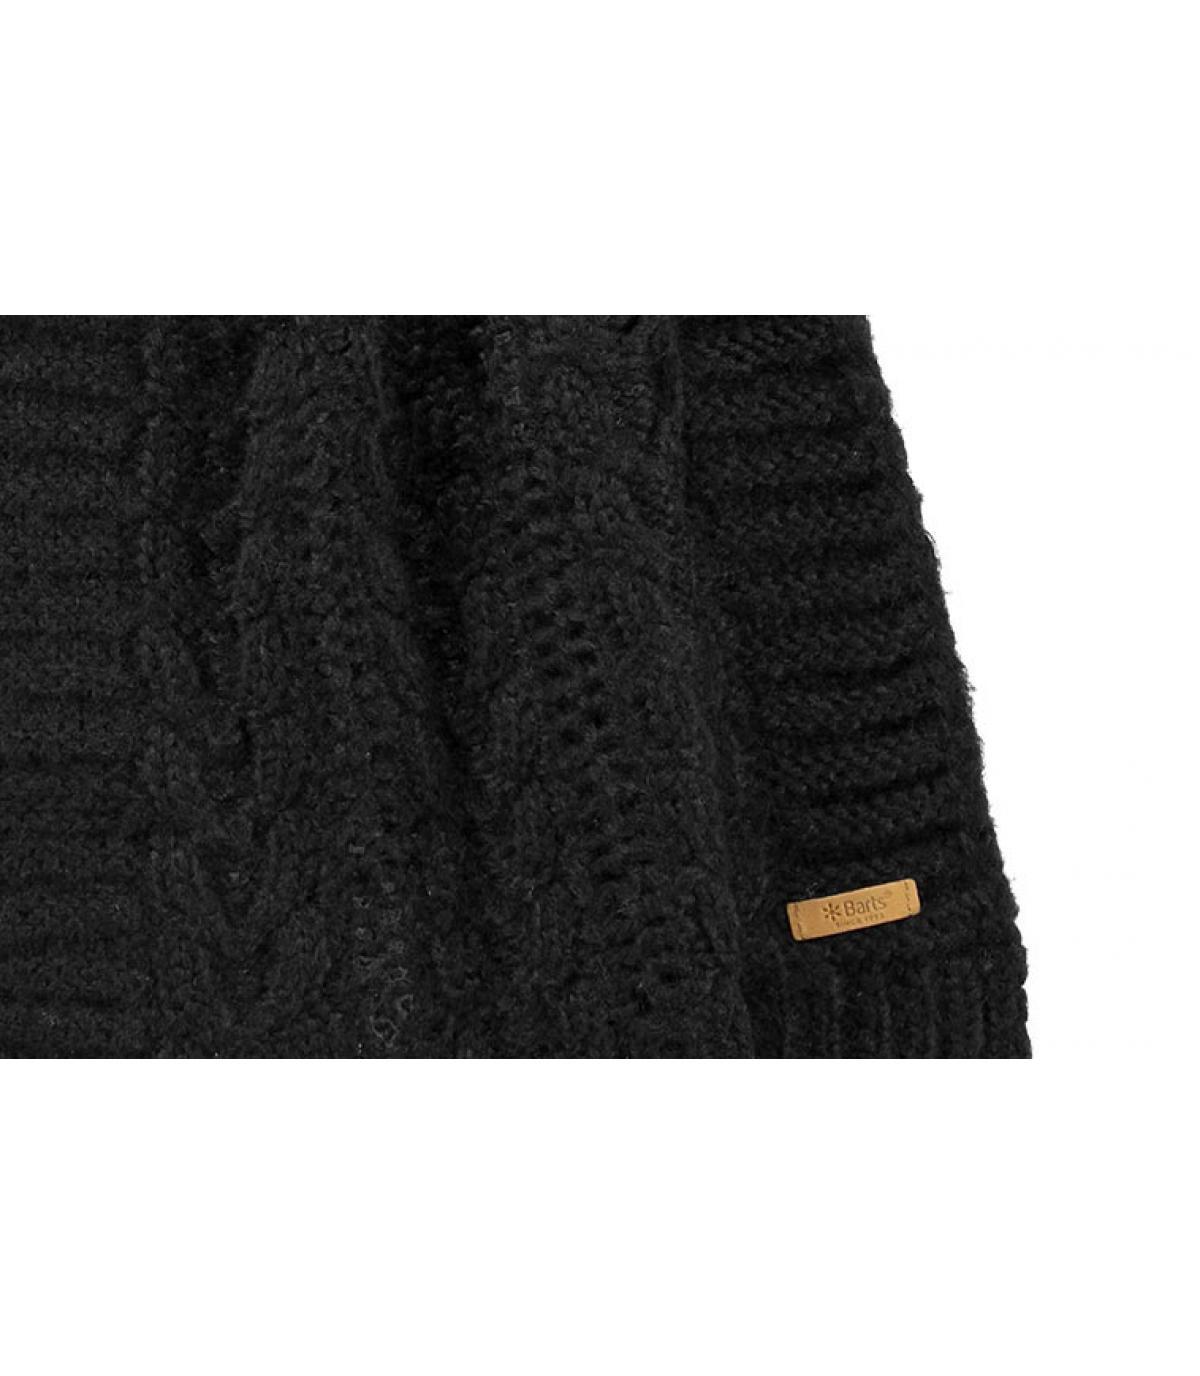 Details Anemone Scarf black - Abbildung 3